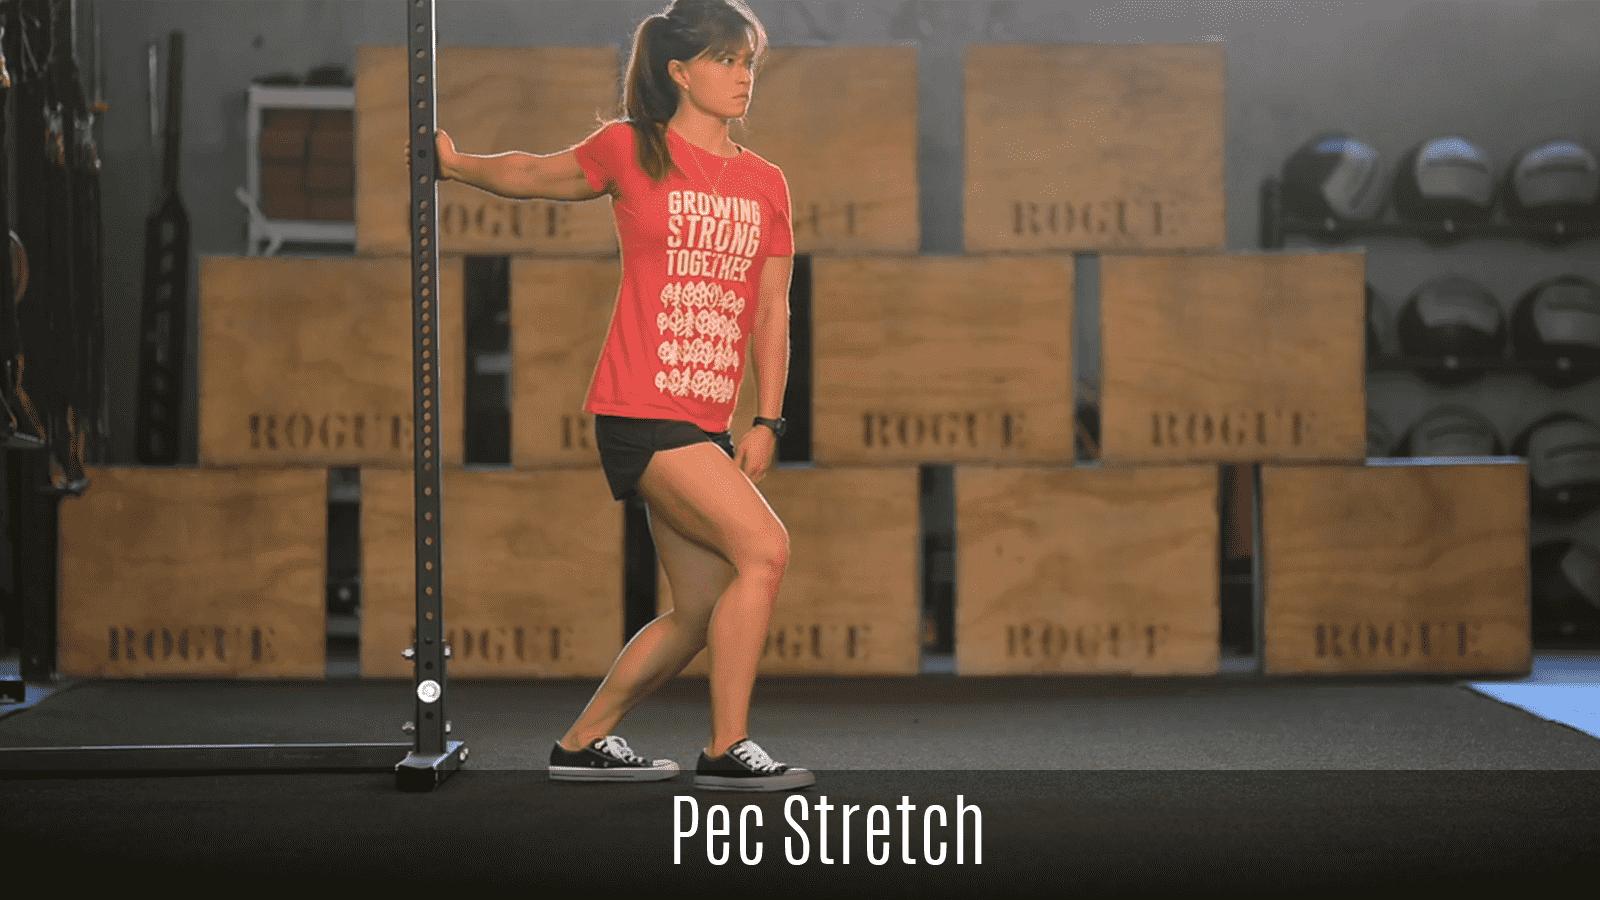 pec stretch demo using rack